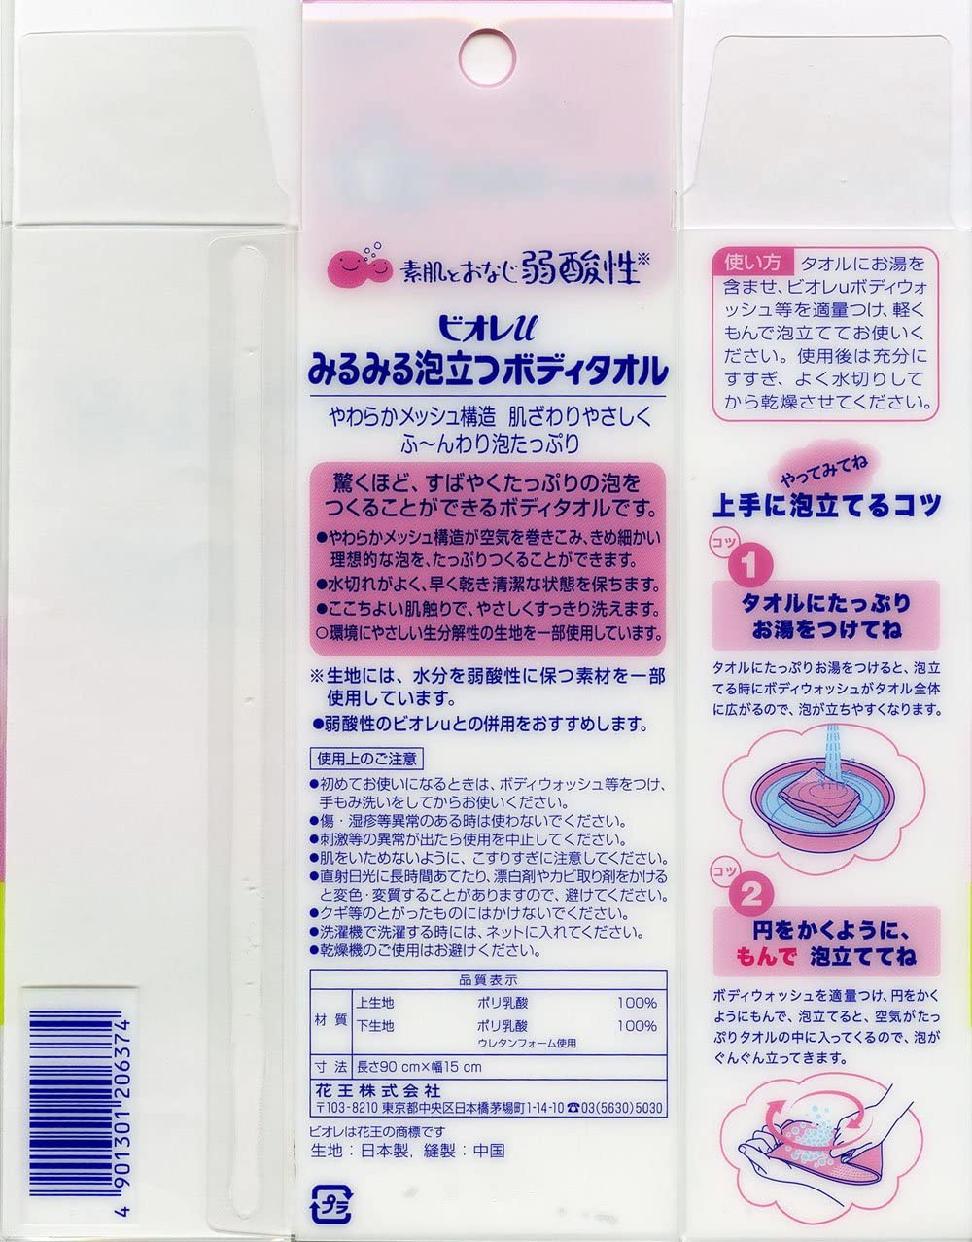 Bioré u(ビオレユー) みるみる泡立つボディタオルの商品画像2